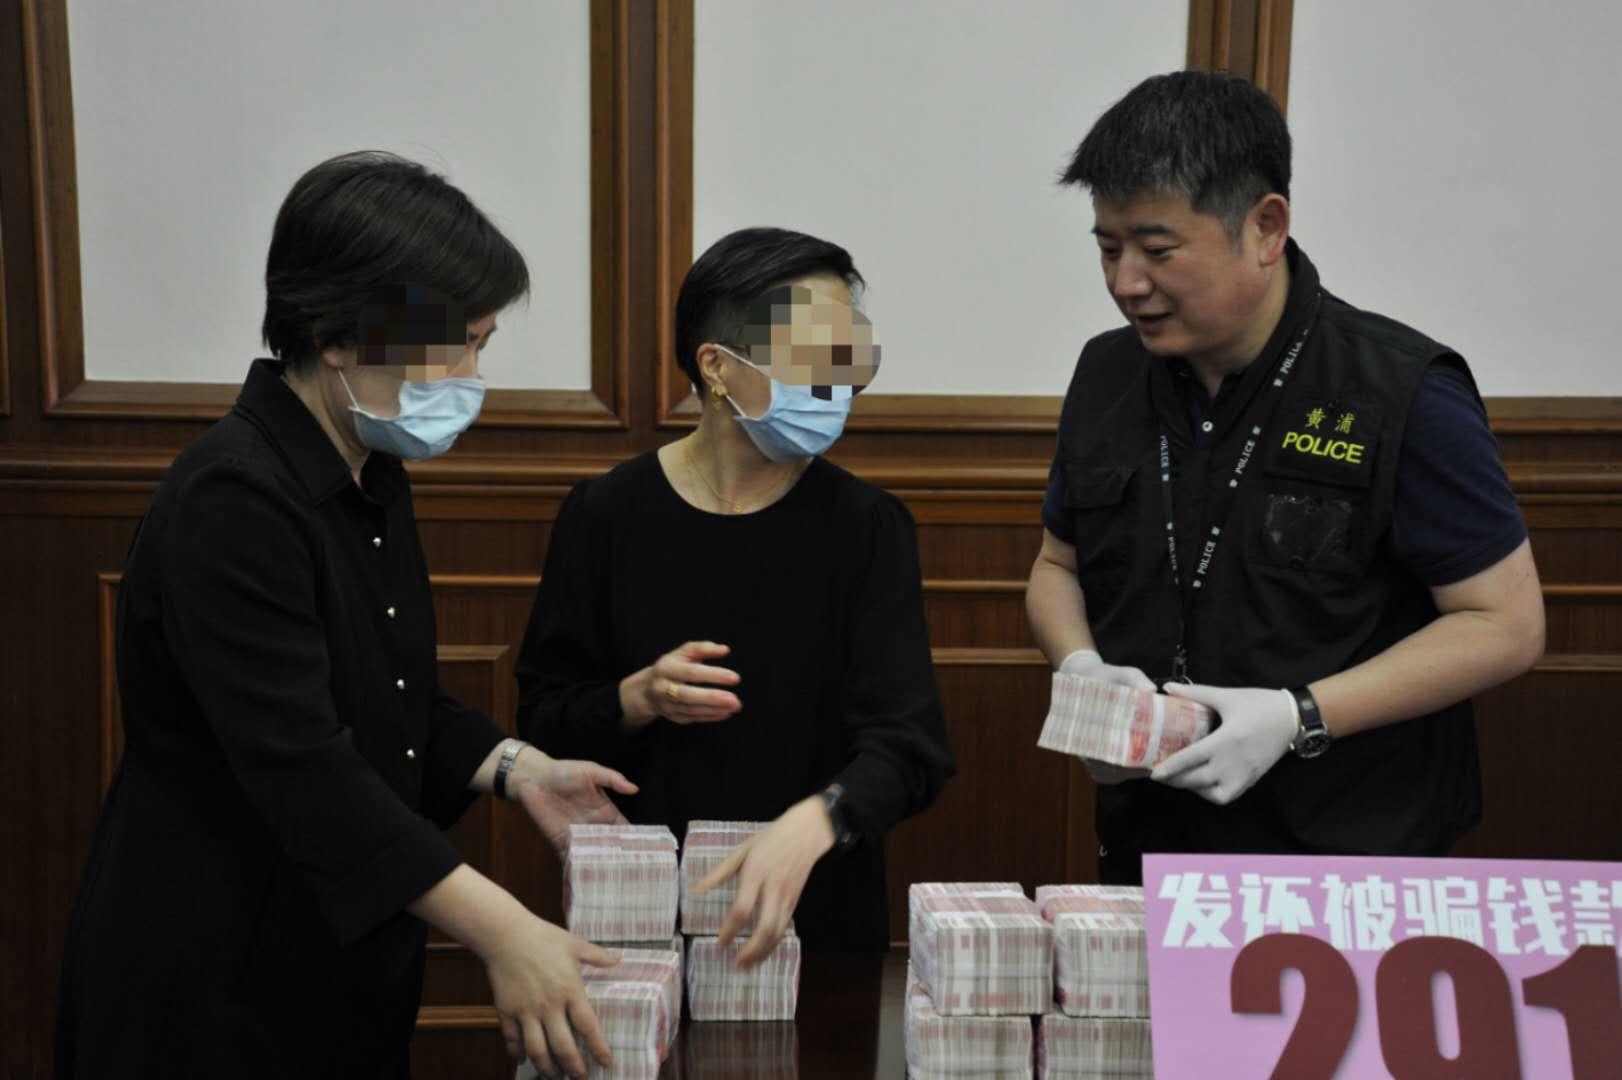 上海一公司财务遭遇巨额网络诈骗,警方奔袭千里追回290余万被骗款